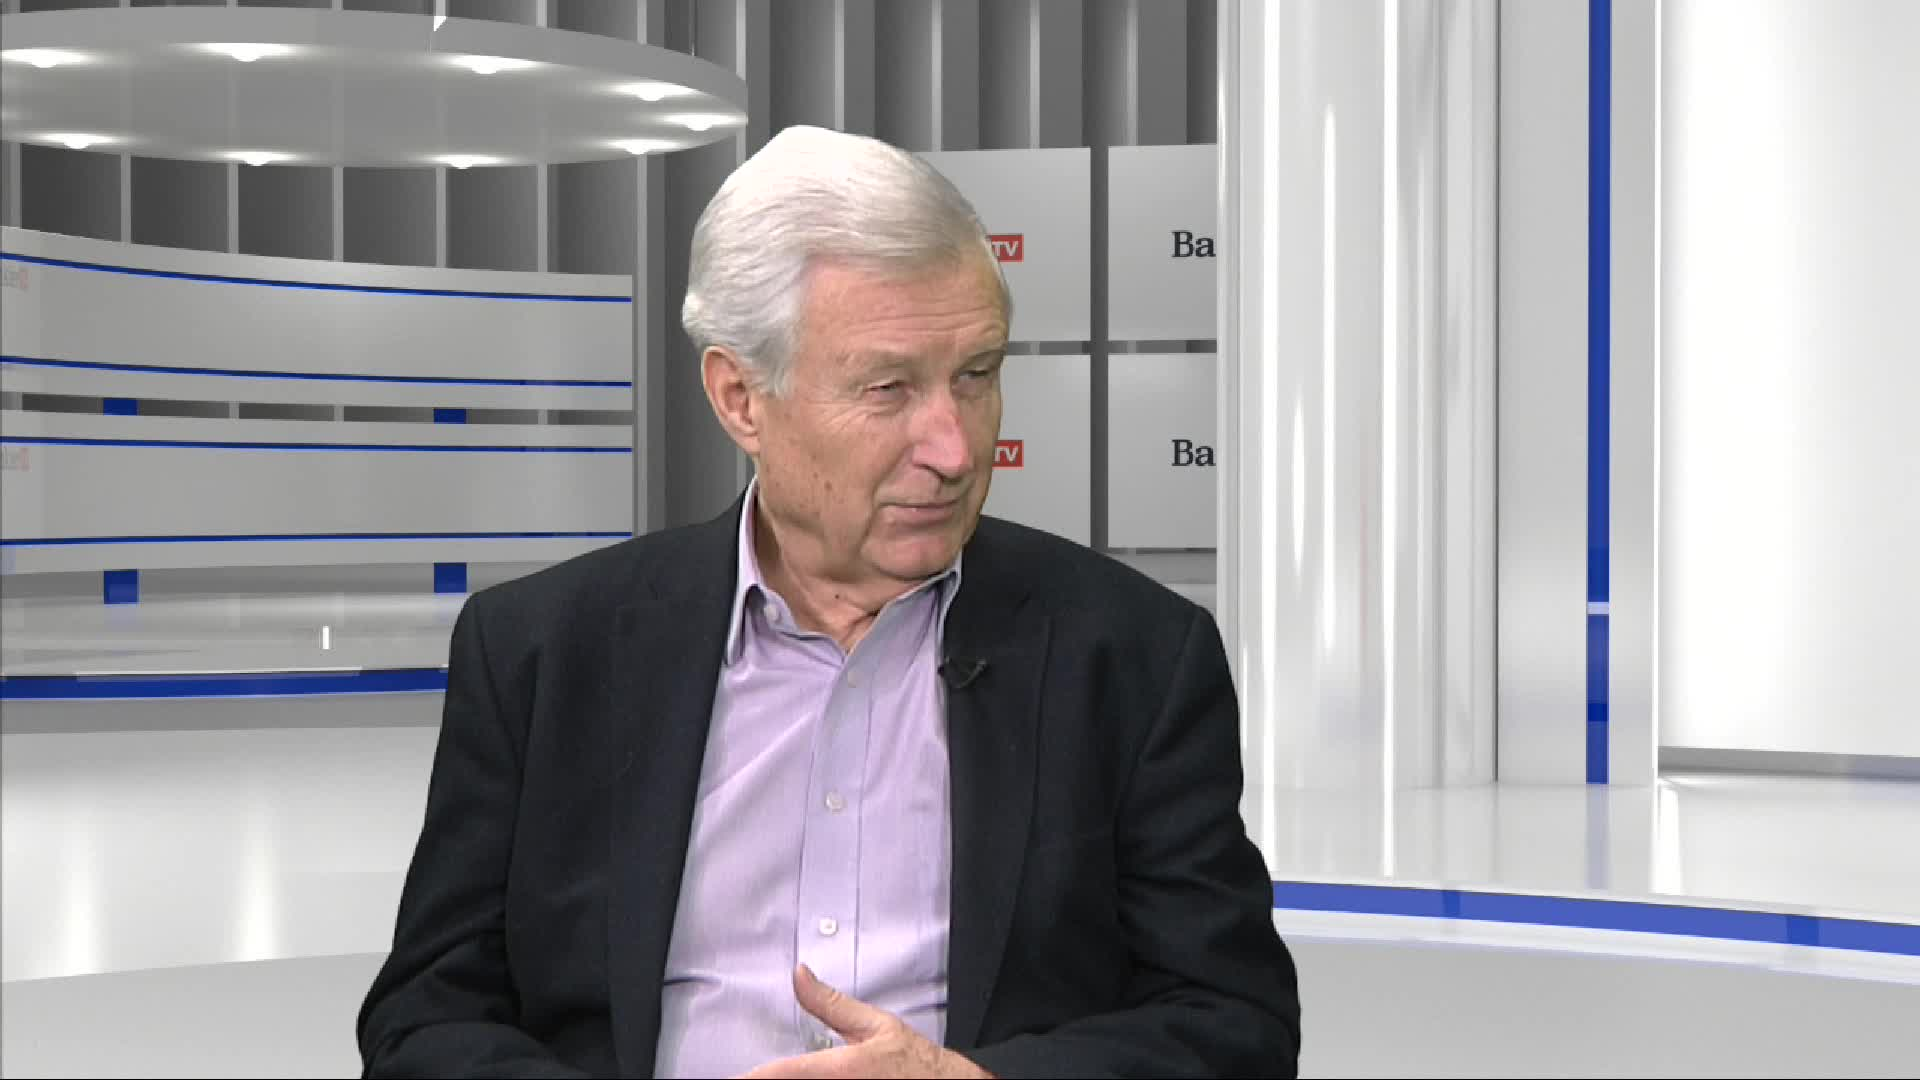 Kuczyński: Wirusowe zapalenie rynków